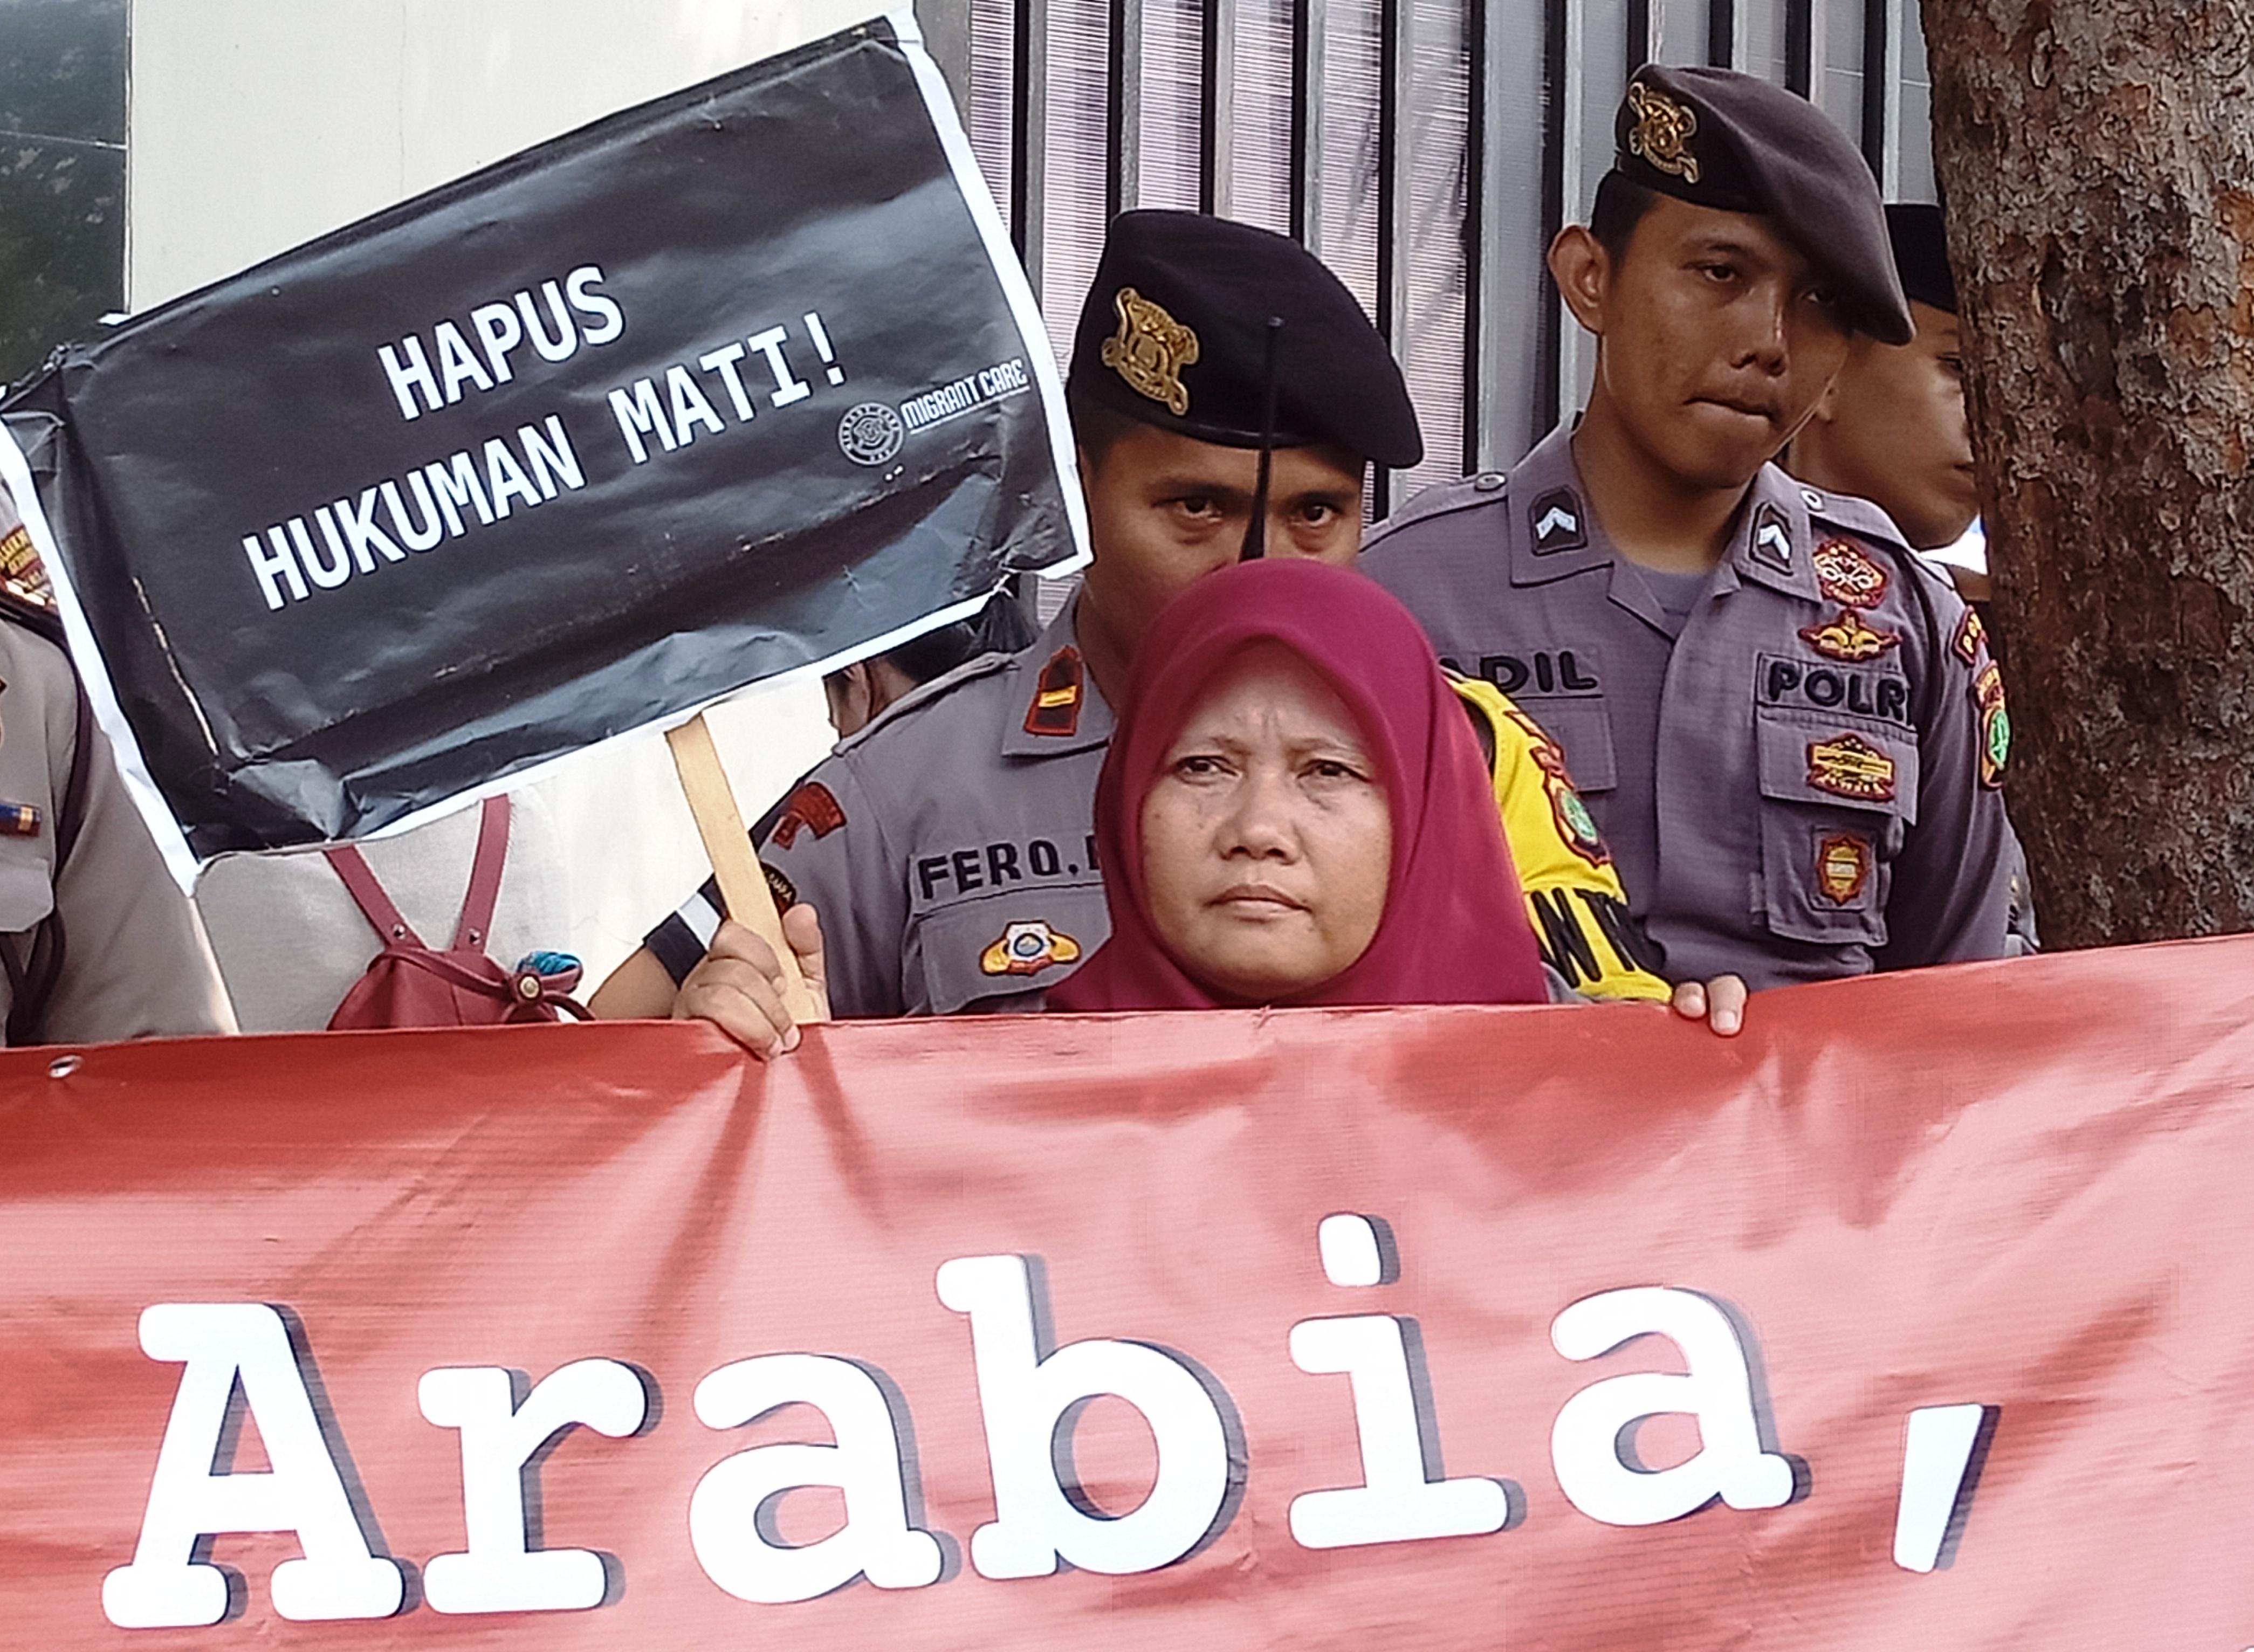 Protes Eksekusi Mati Zaini Misrin